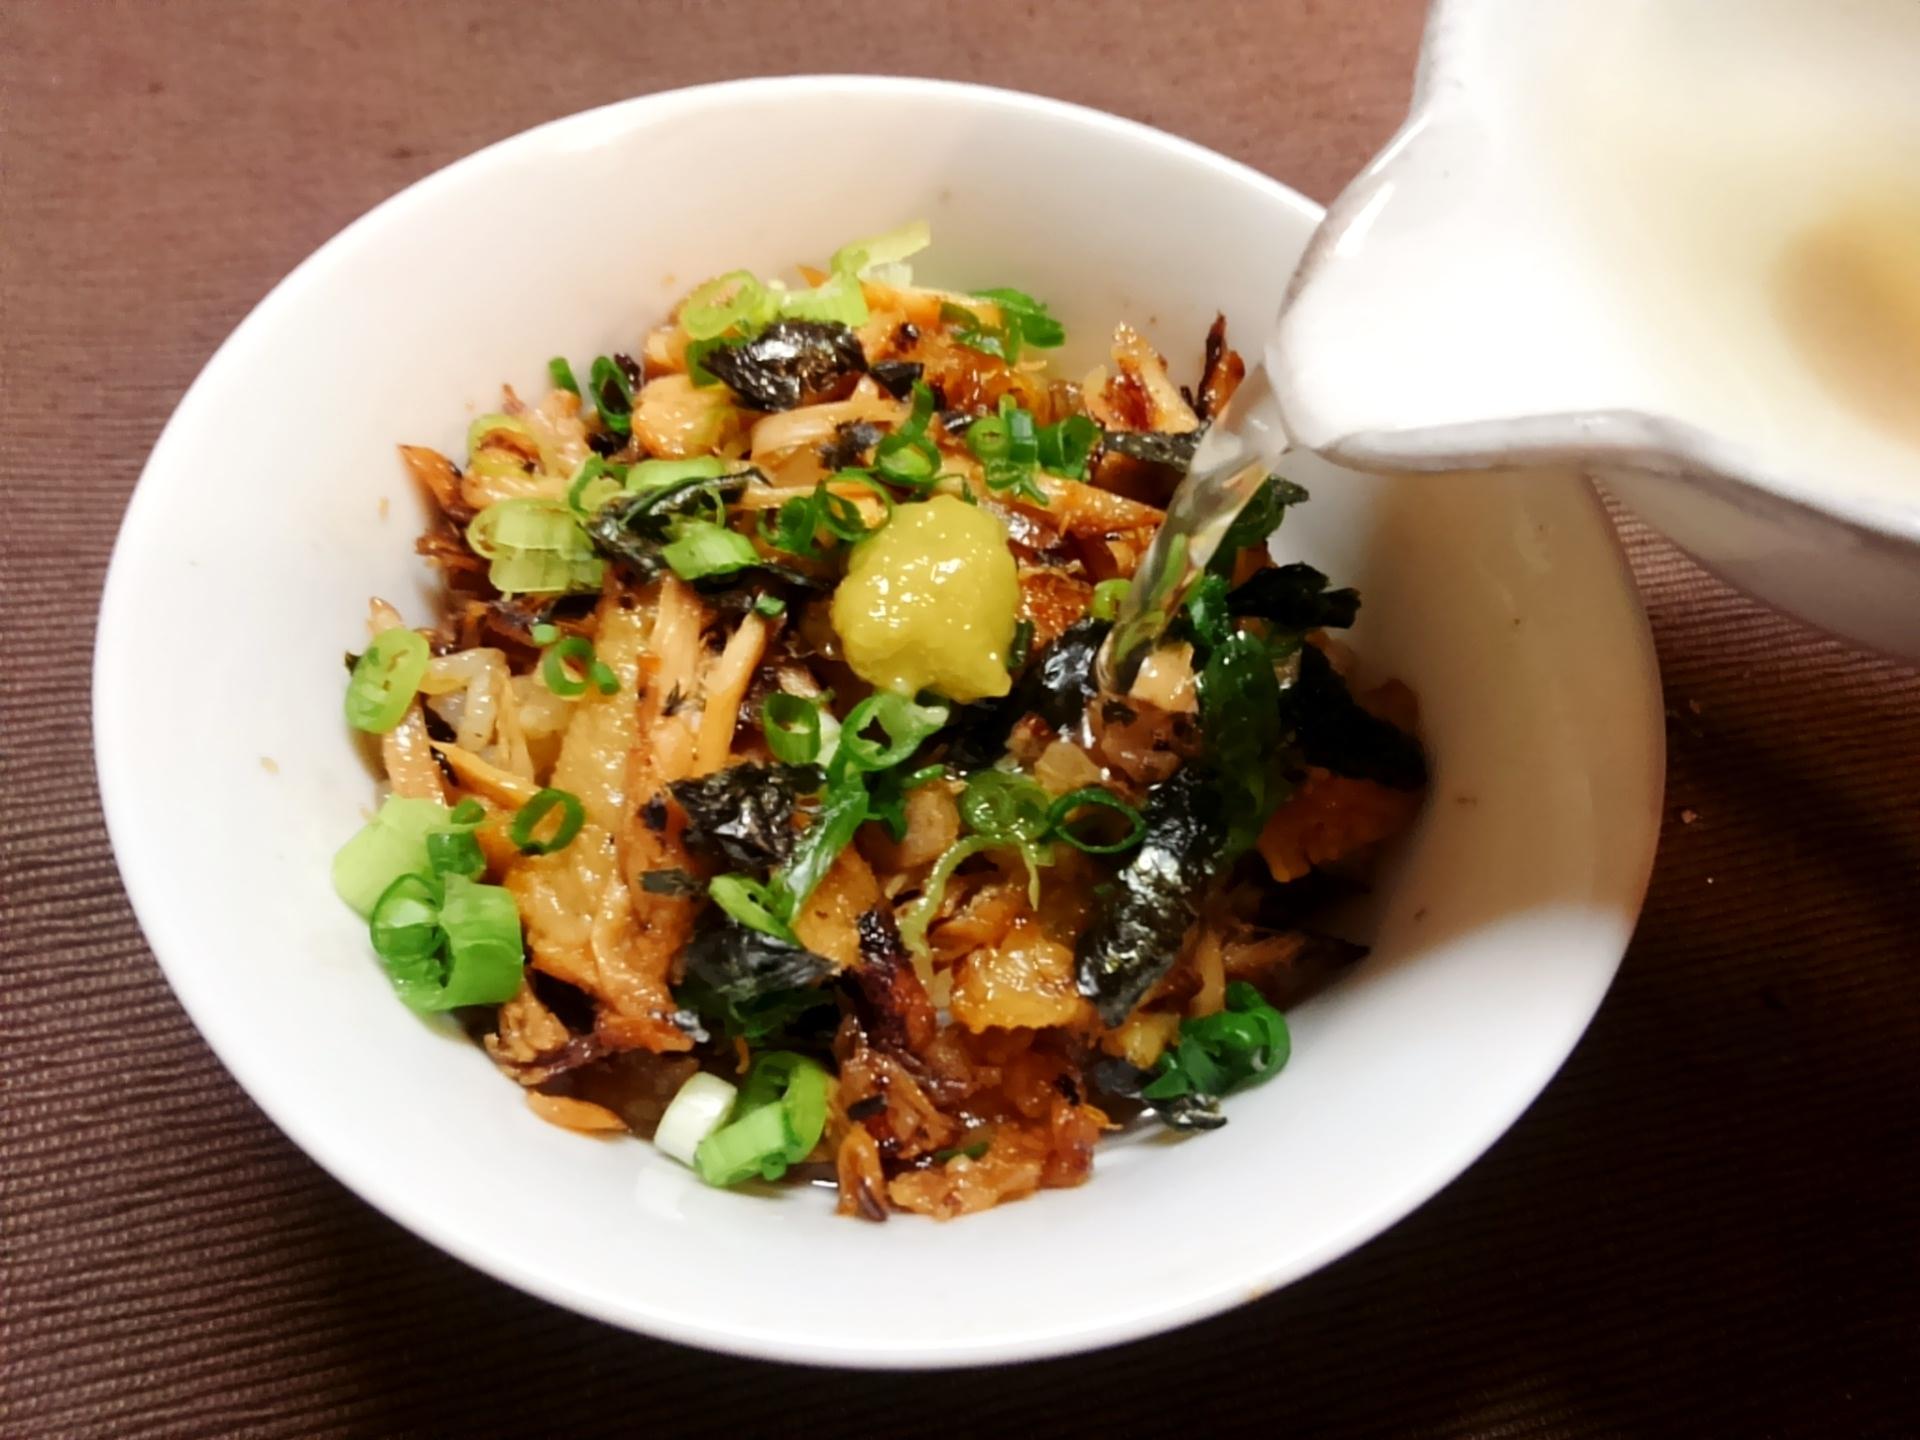 レシピ|アノ高級名古屋めしが2人前500円で出来ちゃう!?「鶏手羽先deひつまぶし」